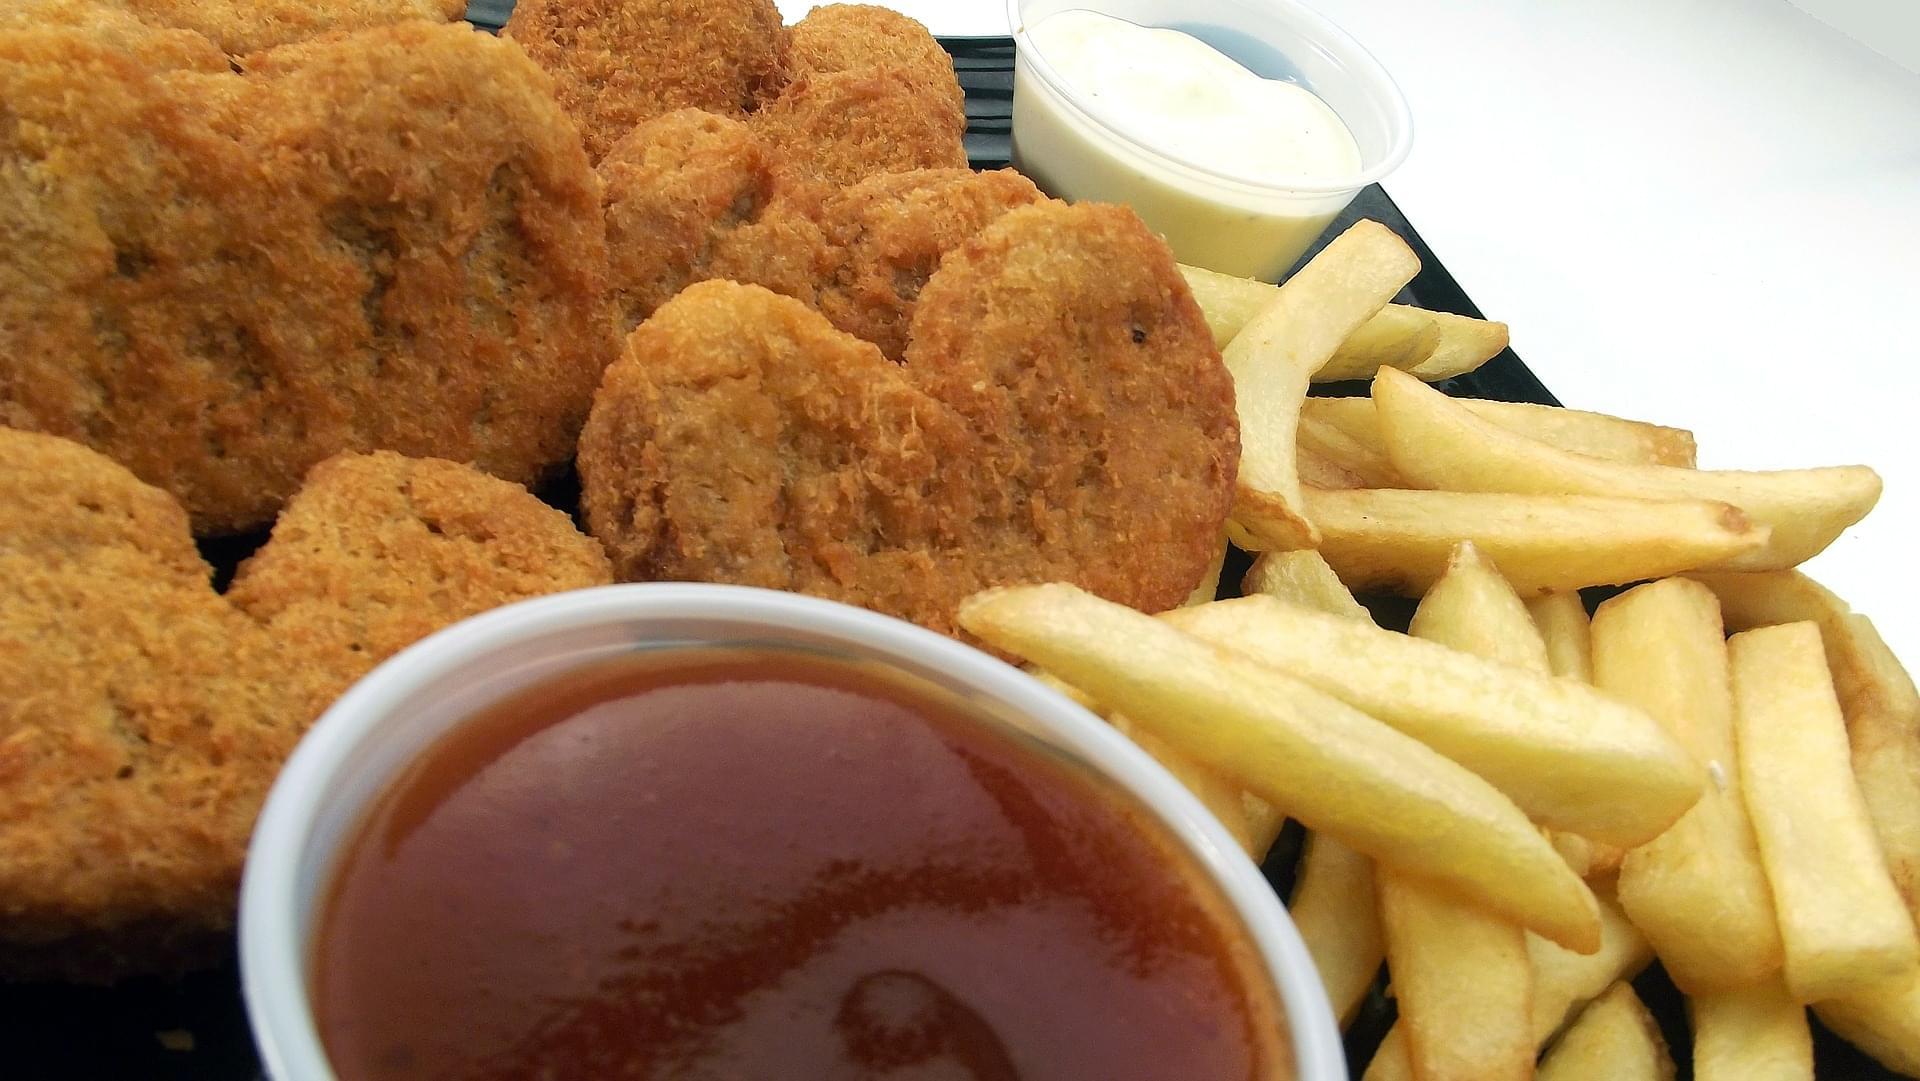 chicken-nuggets-246179_1920